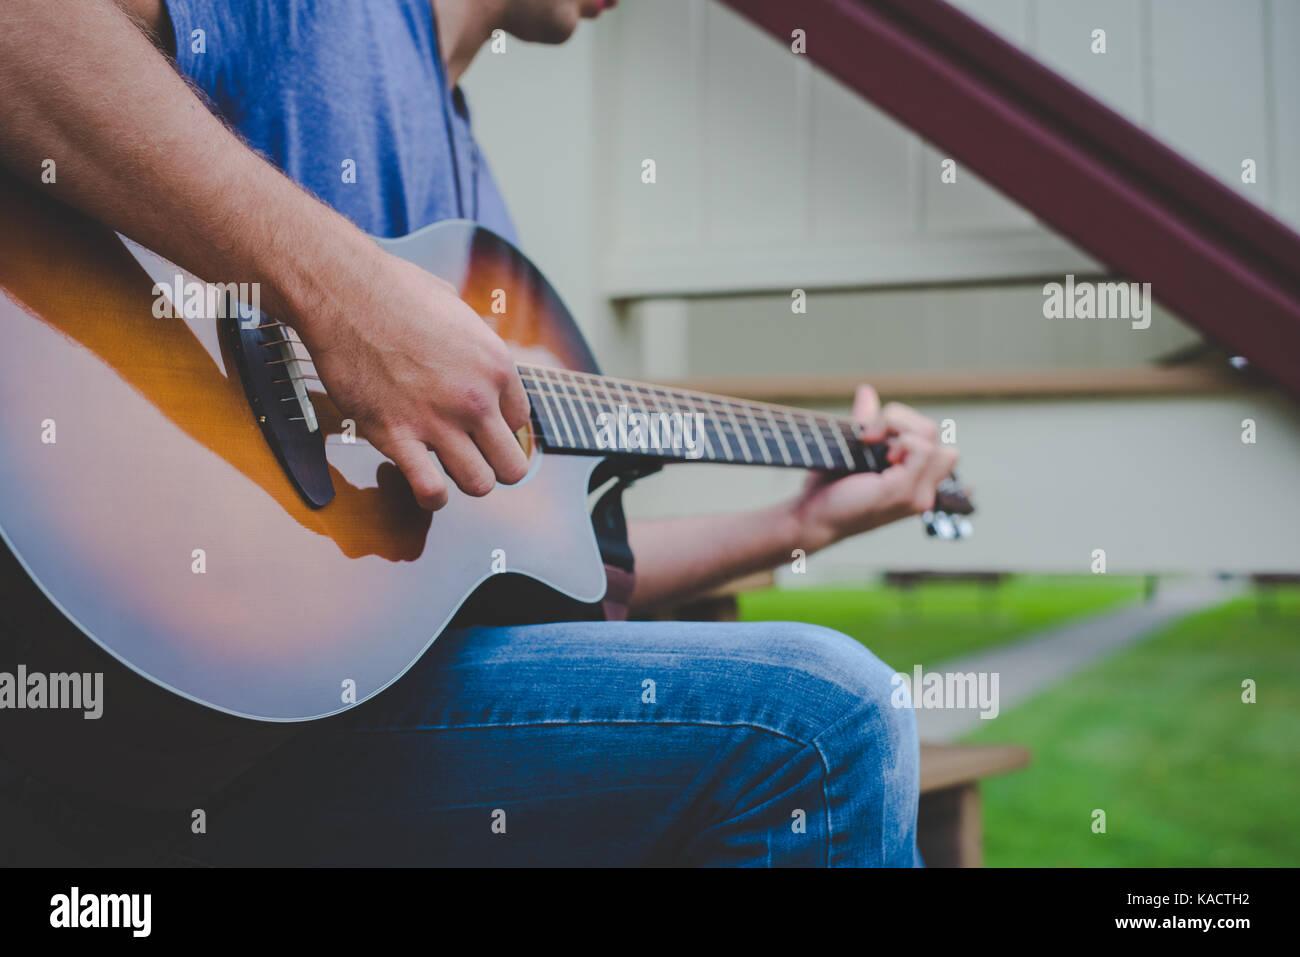 A young man plays a guitar. - Stock Image